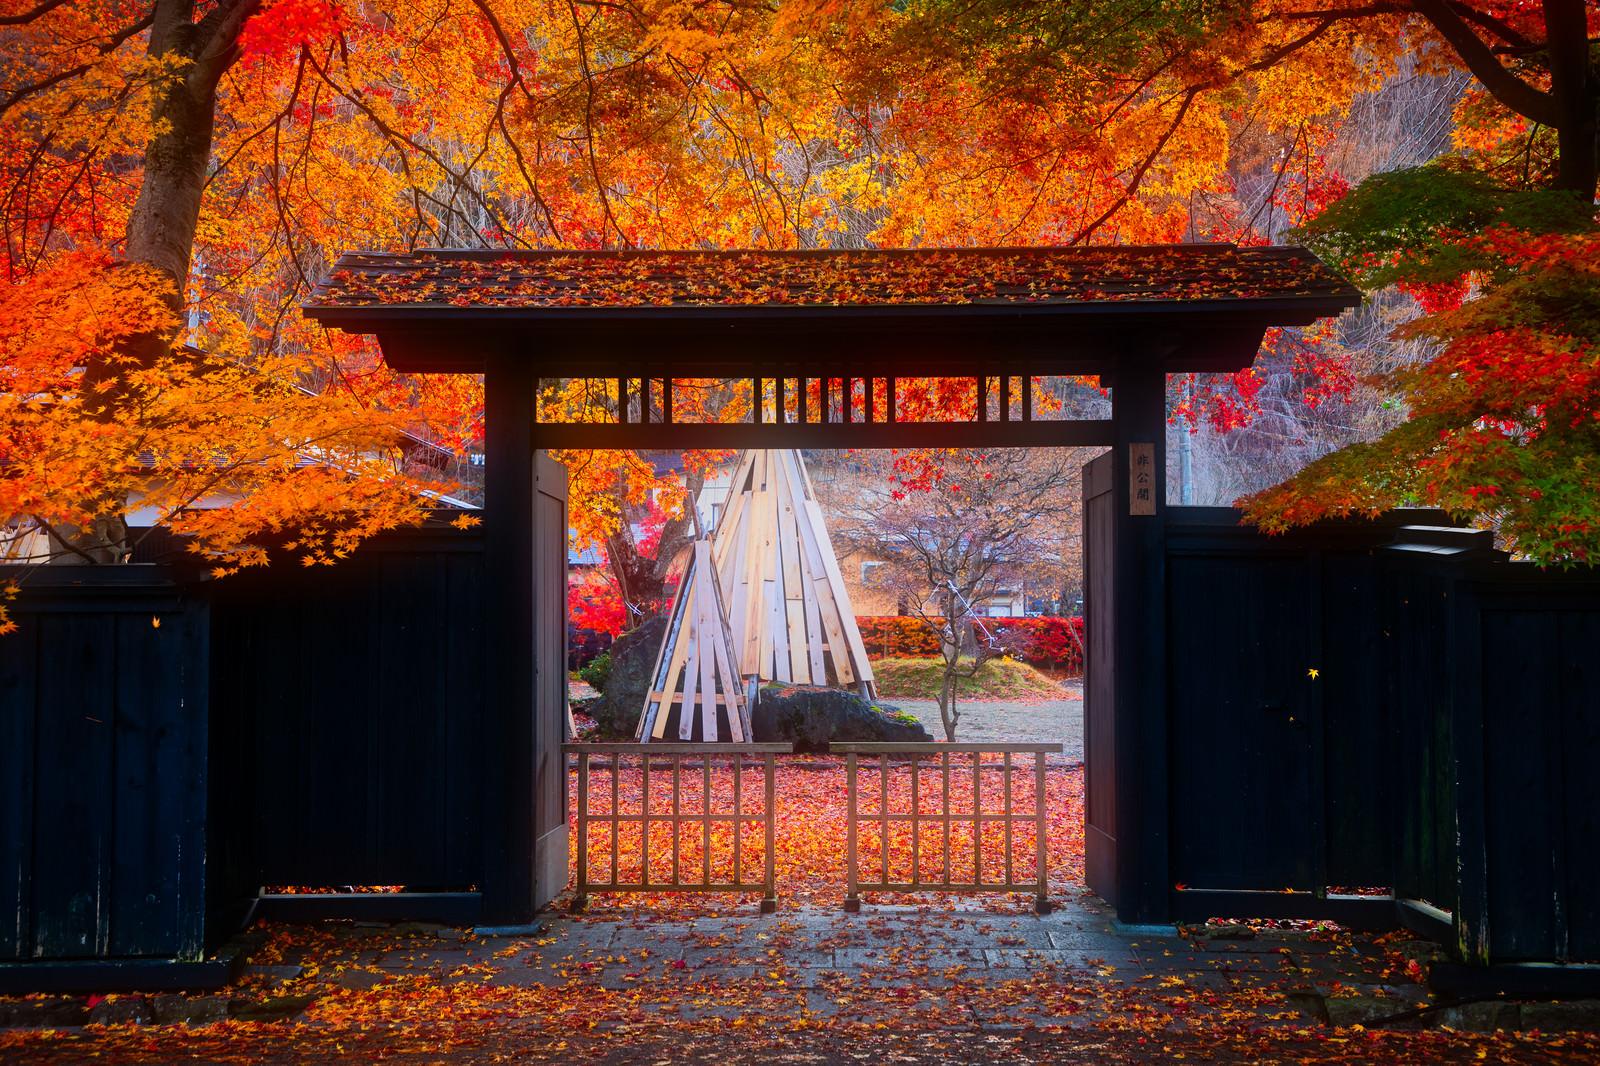 「雨上がりの和風の門と落葉(角館武家屋敷)」の写真